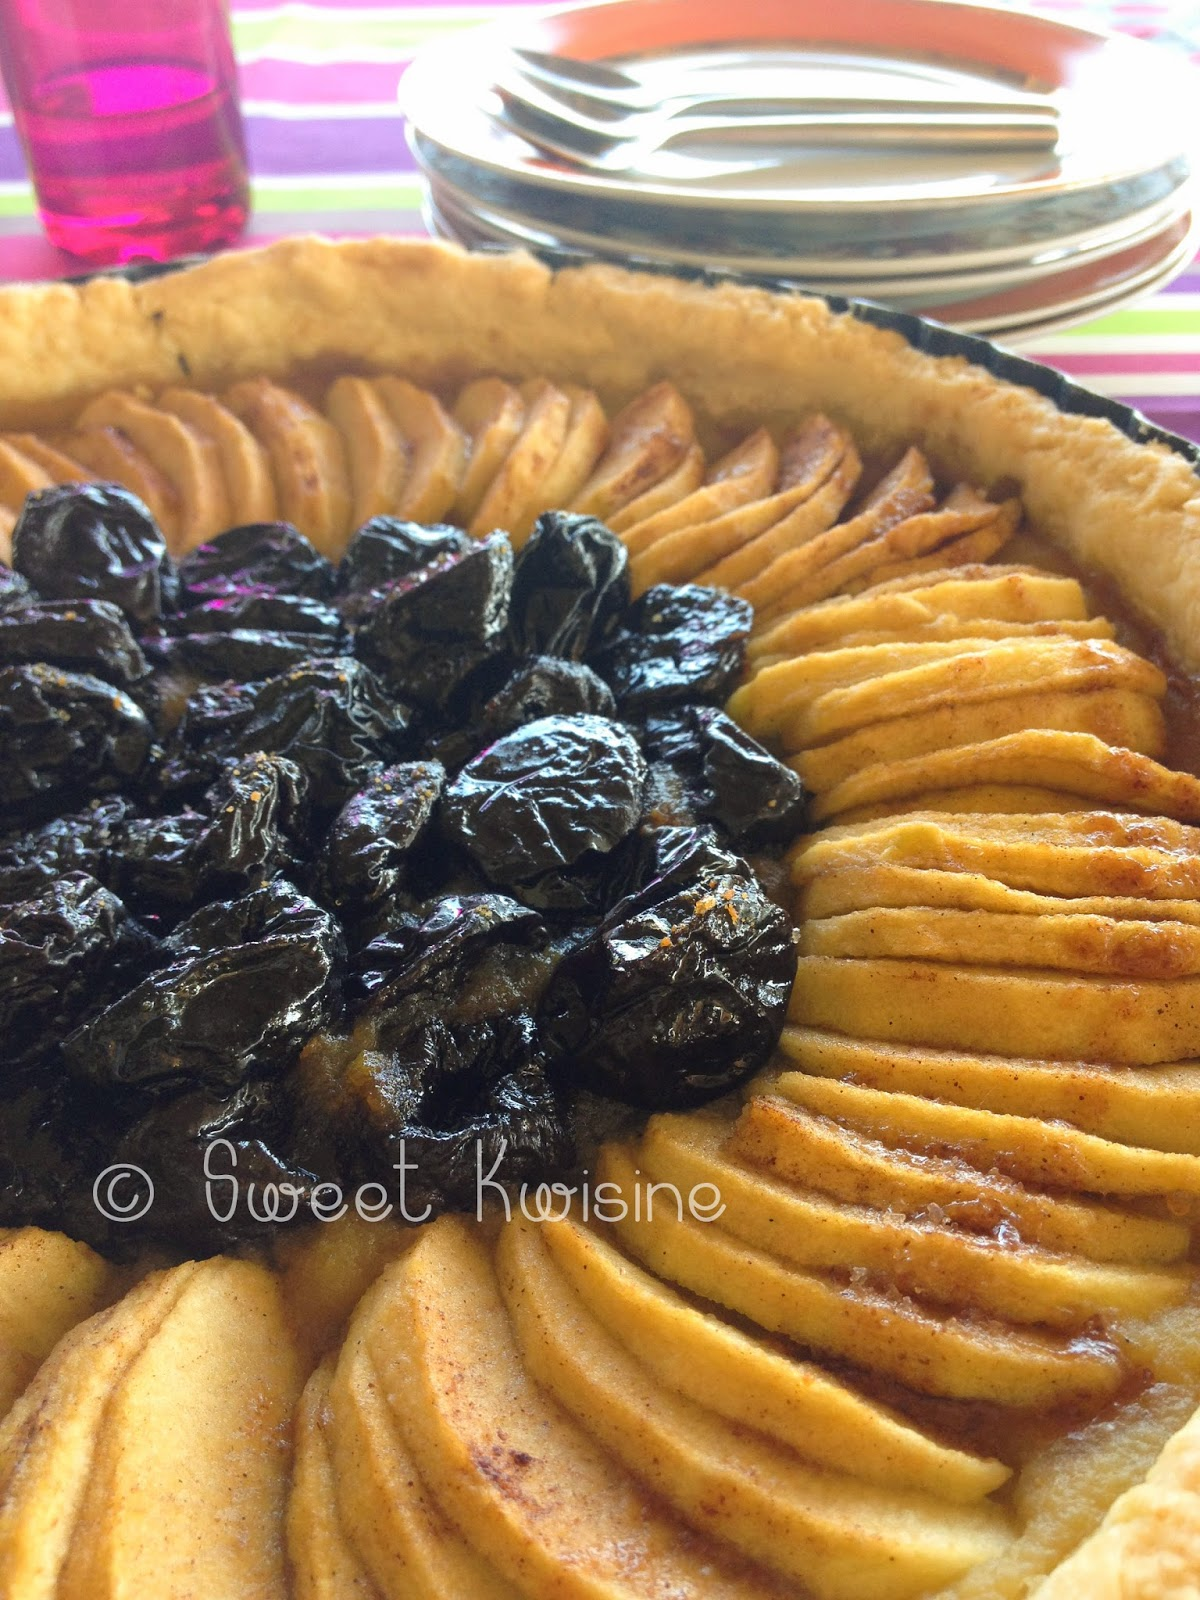 Sweet Kwisine, pommes, tarte aux pommes, pruneaux, compote de pommes, rapadura